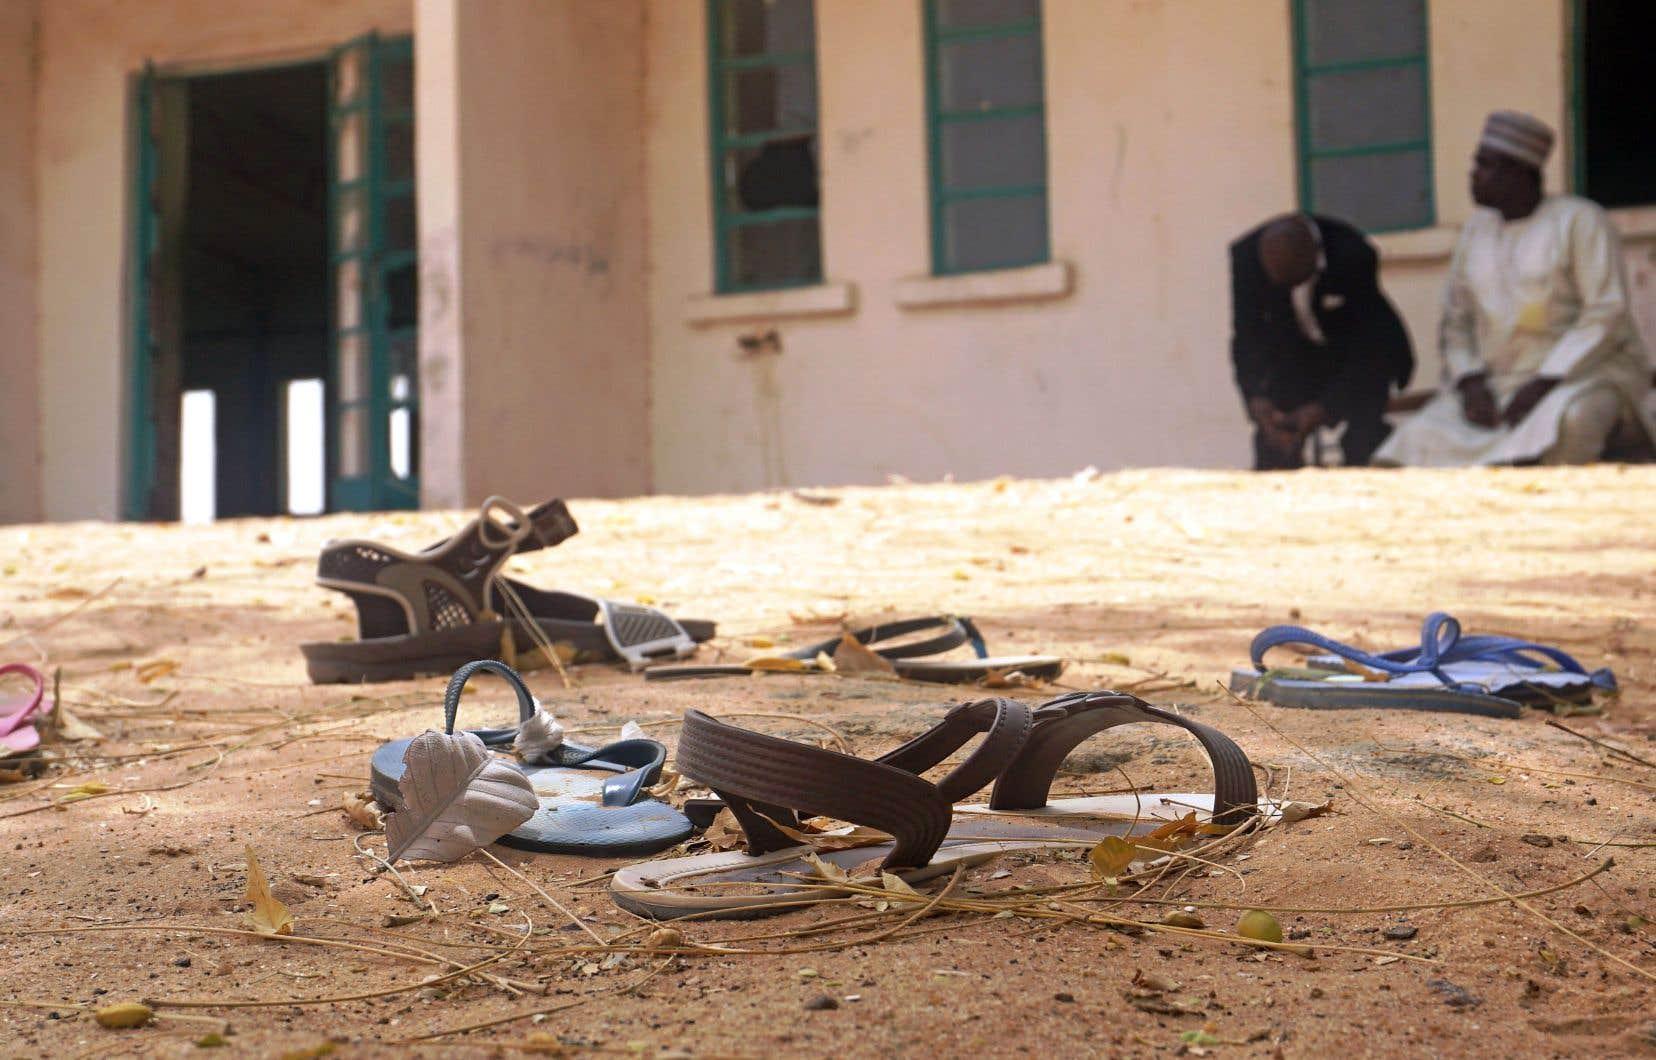 Le roman d'Elnathan John dépeint la réalité d'une culture dont les échos ne nous parviennent qu'à travers les atrocités commises par Boko Haram.